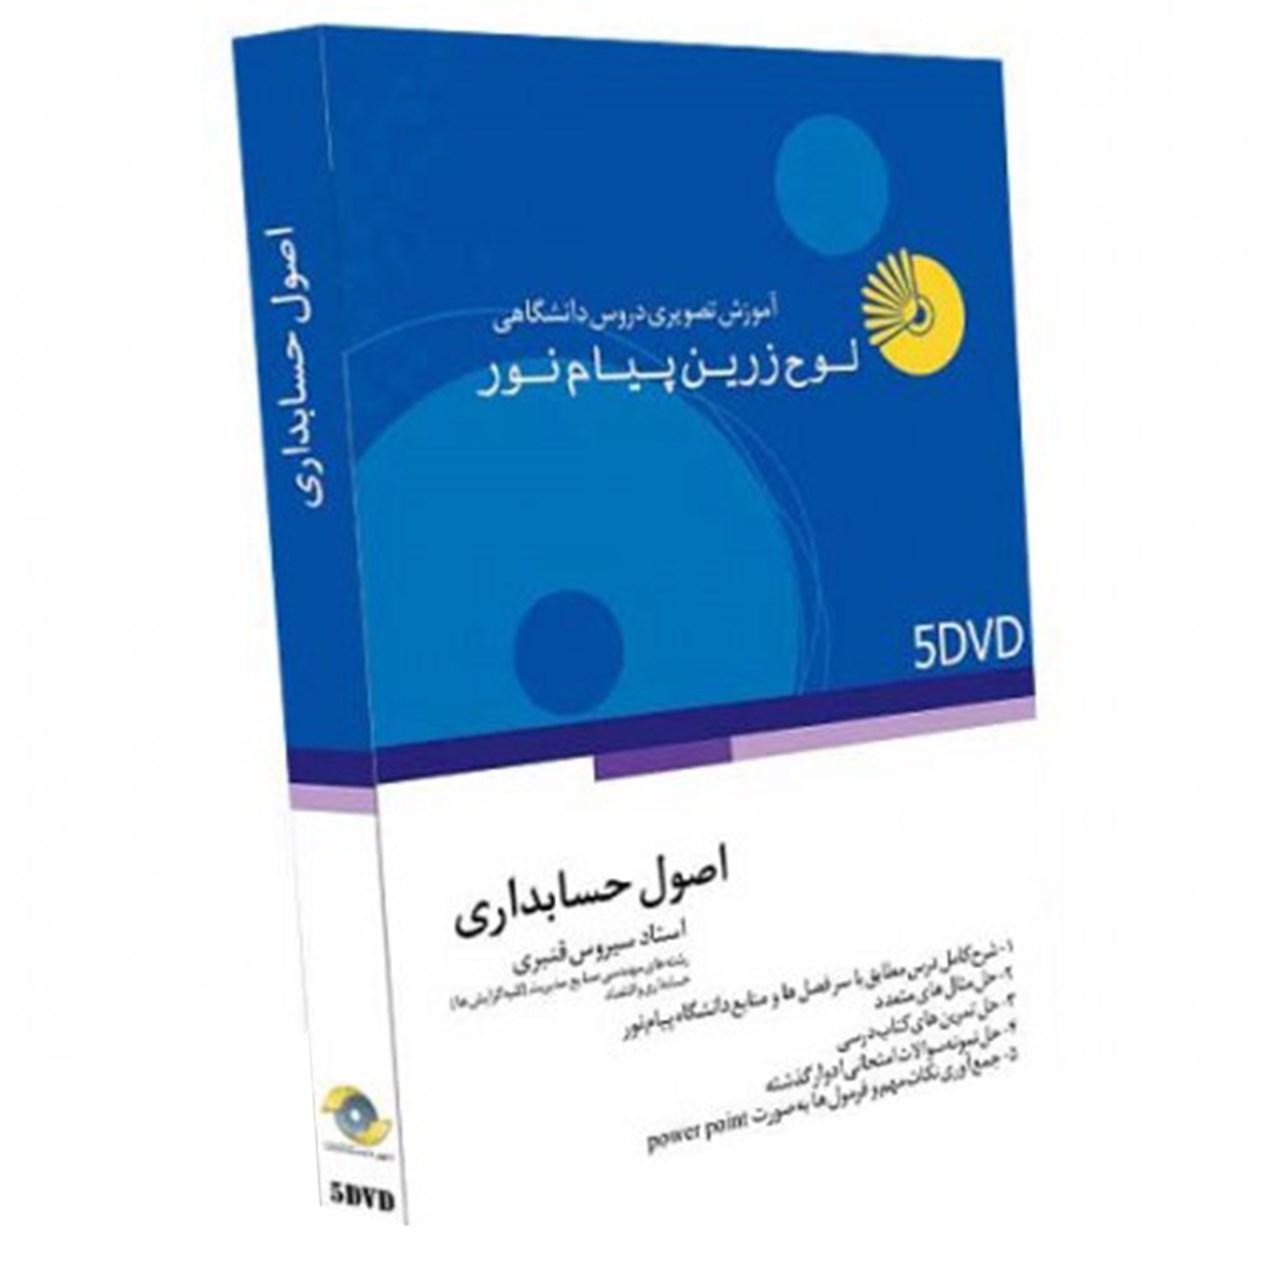 آموزش تصویری اصول حسابداری نشر لوح دانش